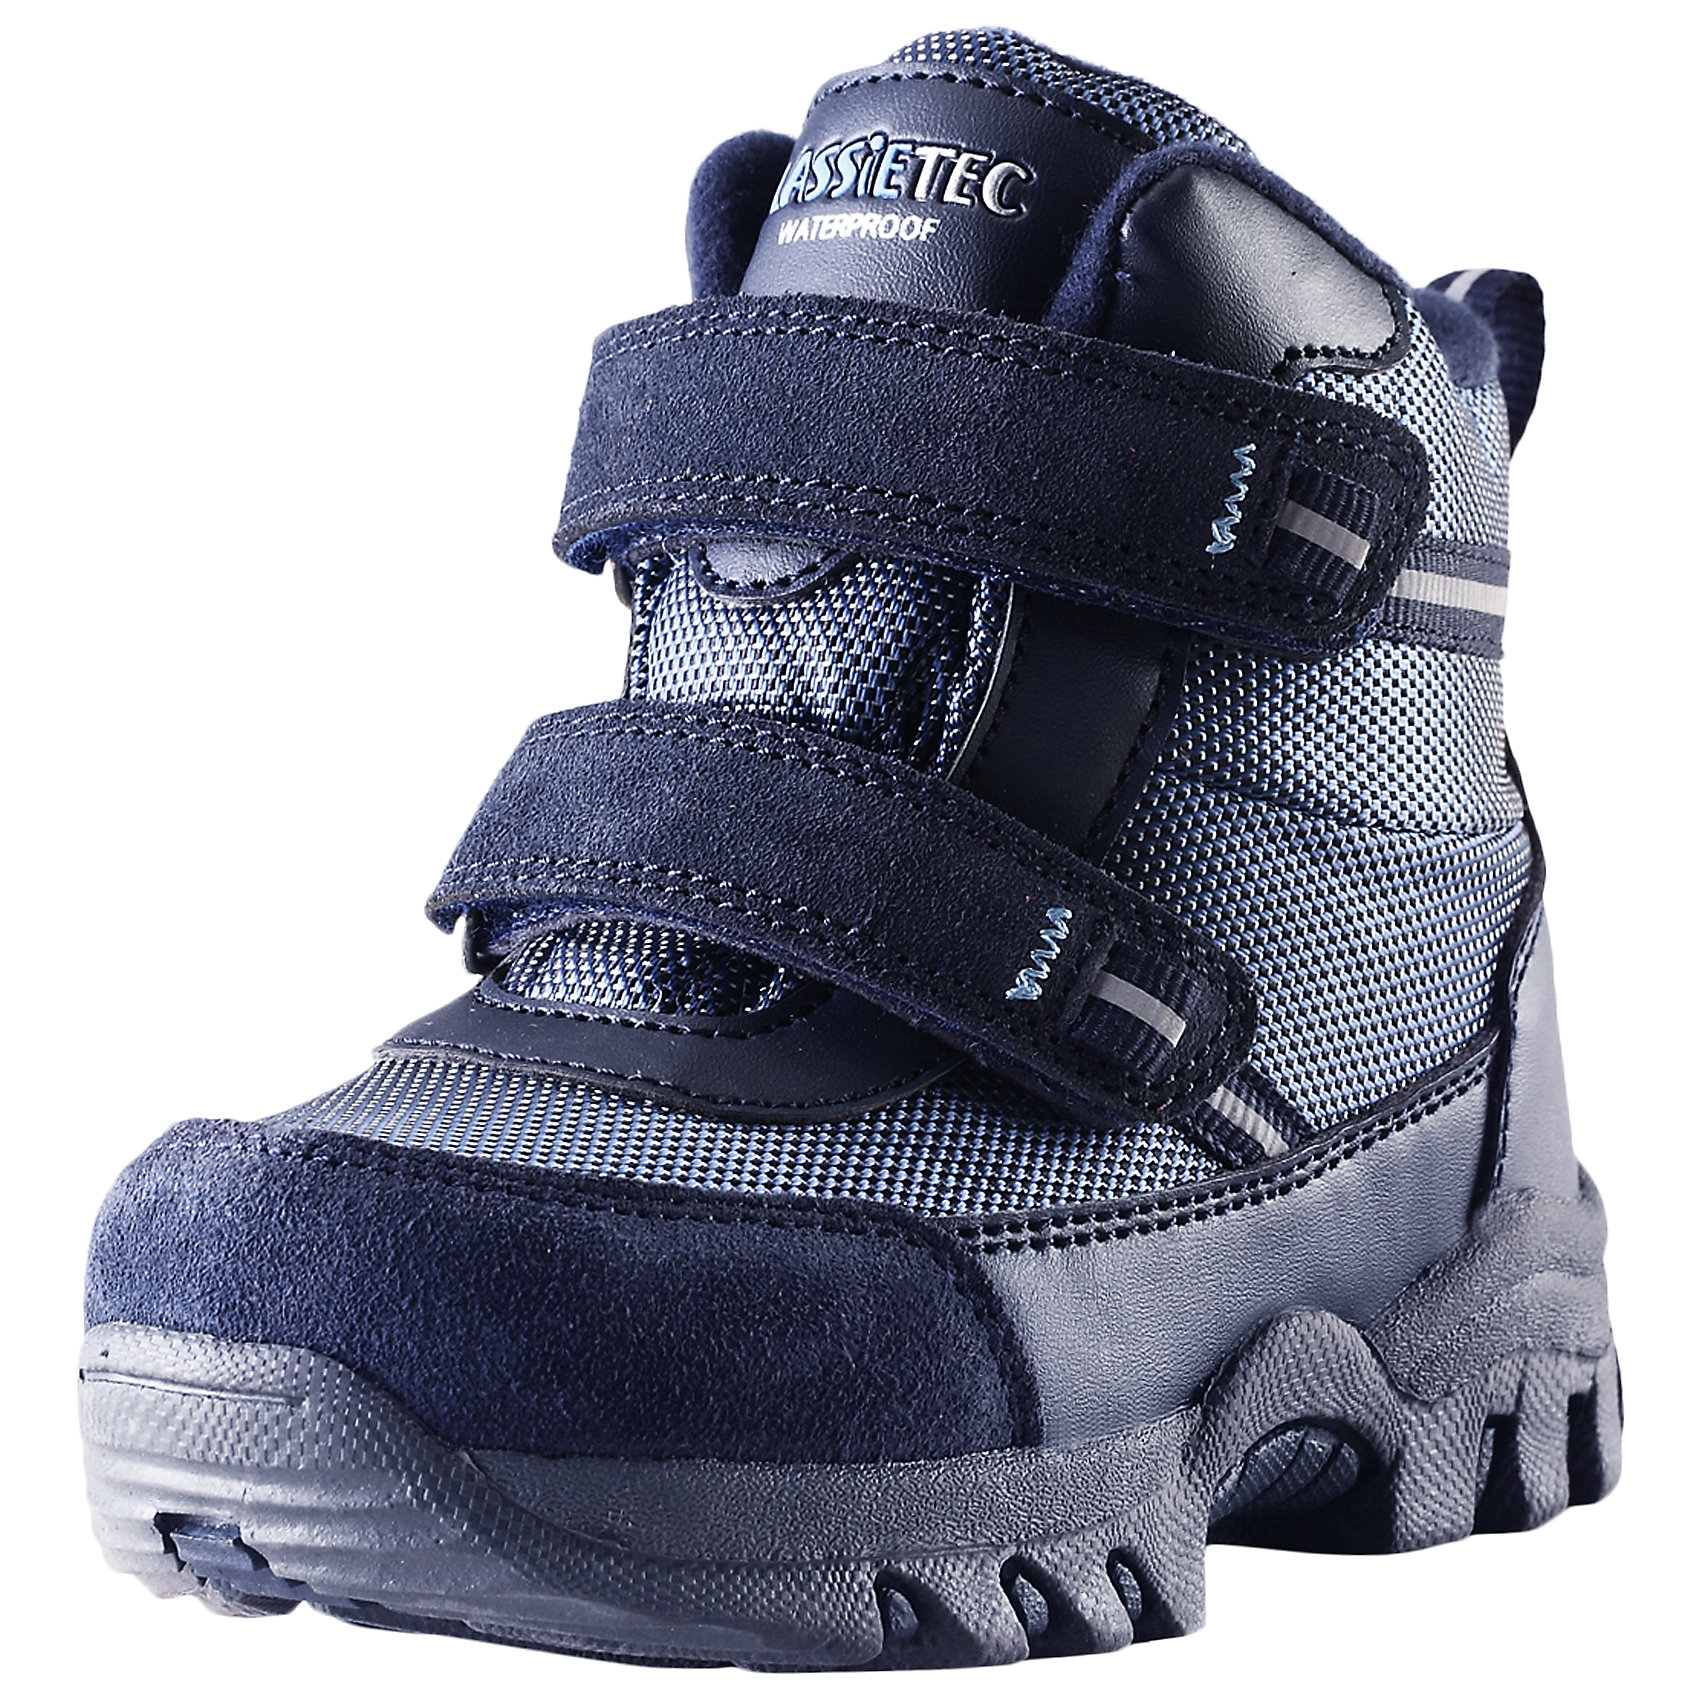 Ботинки для мальчика LASSIEЗимние ботинки для малышей Lassietec®. <br><br>- Водонепроницаемая зимняя обувь. <br>- Верх из натуральной замши (из телячьей кожи), синтетического материала и текстиля. <br>- Подошва из термопластичного каучука обеспечивает хорошее сцепление с поверхностью. <br>- Подкладка из искусственного меха. <br>- Съемные стельки. <br>- Простая застежка на липучке, имеющая две точки крепления. <br>- Светоотражающие детали.<br><br>Храните обувь в вертикальном положении при комнатной температуре. Сушить обувь всегда следует при комнатной температуре: вынув съемные стельки. Стельки следует время от времени заменять на новые. Налипшую грязь можно счищать щеткой или влажной тряпкой. Перед использованием обувь рекомендуется обрабатывать специальными защитными средствами.<br><br>Состав: Подошва: Термопластиковая резина, Верх: 70% ПЭ 20% ПУ 10% Кожа.<br><br>Ширина мм: 262<br>Глубина мм: 176<br>Высота мм: 97<br>Вес г: 427<br>Цвет: синий<br>Возраст от месяцев: 15<br>Возраст до месяцев: 18<br>Пол: Мужской<br>Возраст: Детский<br>Размер: 22,27,23,24,25,26<br>SKU: 4780909